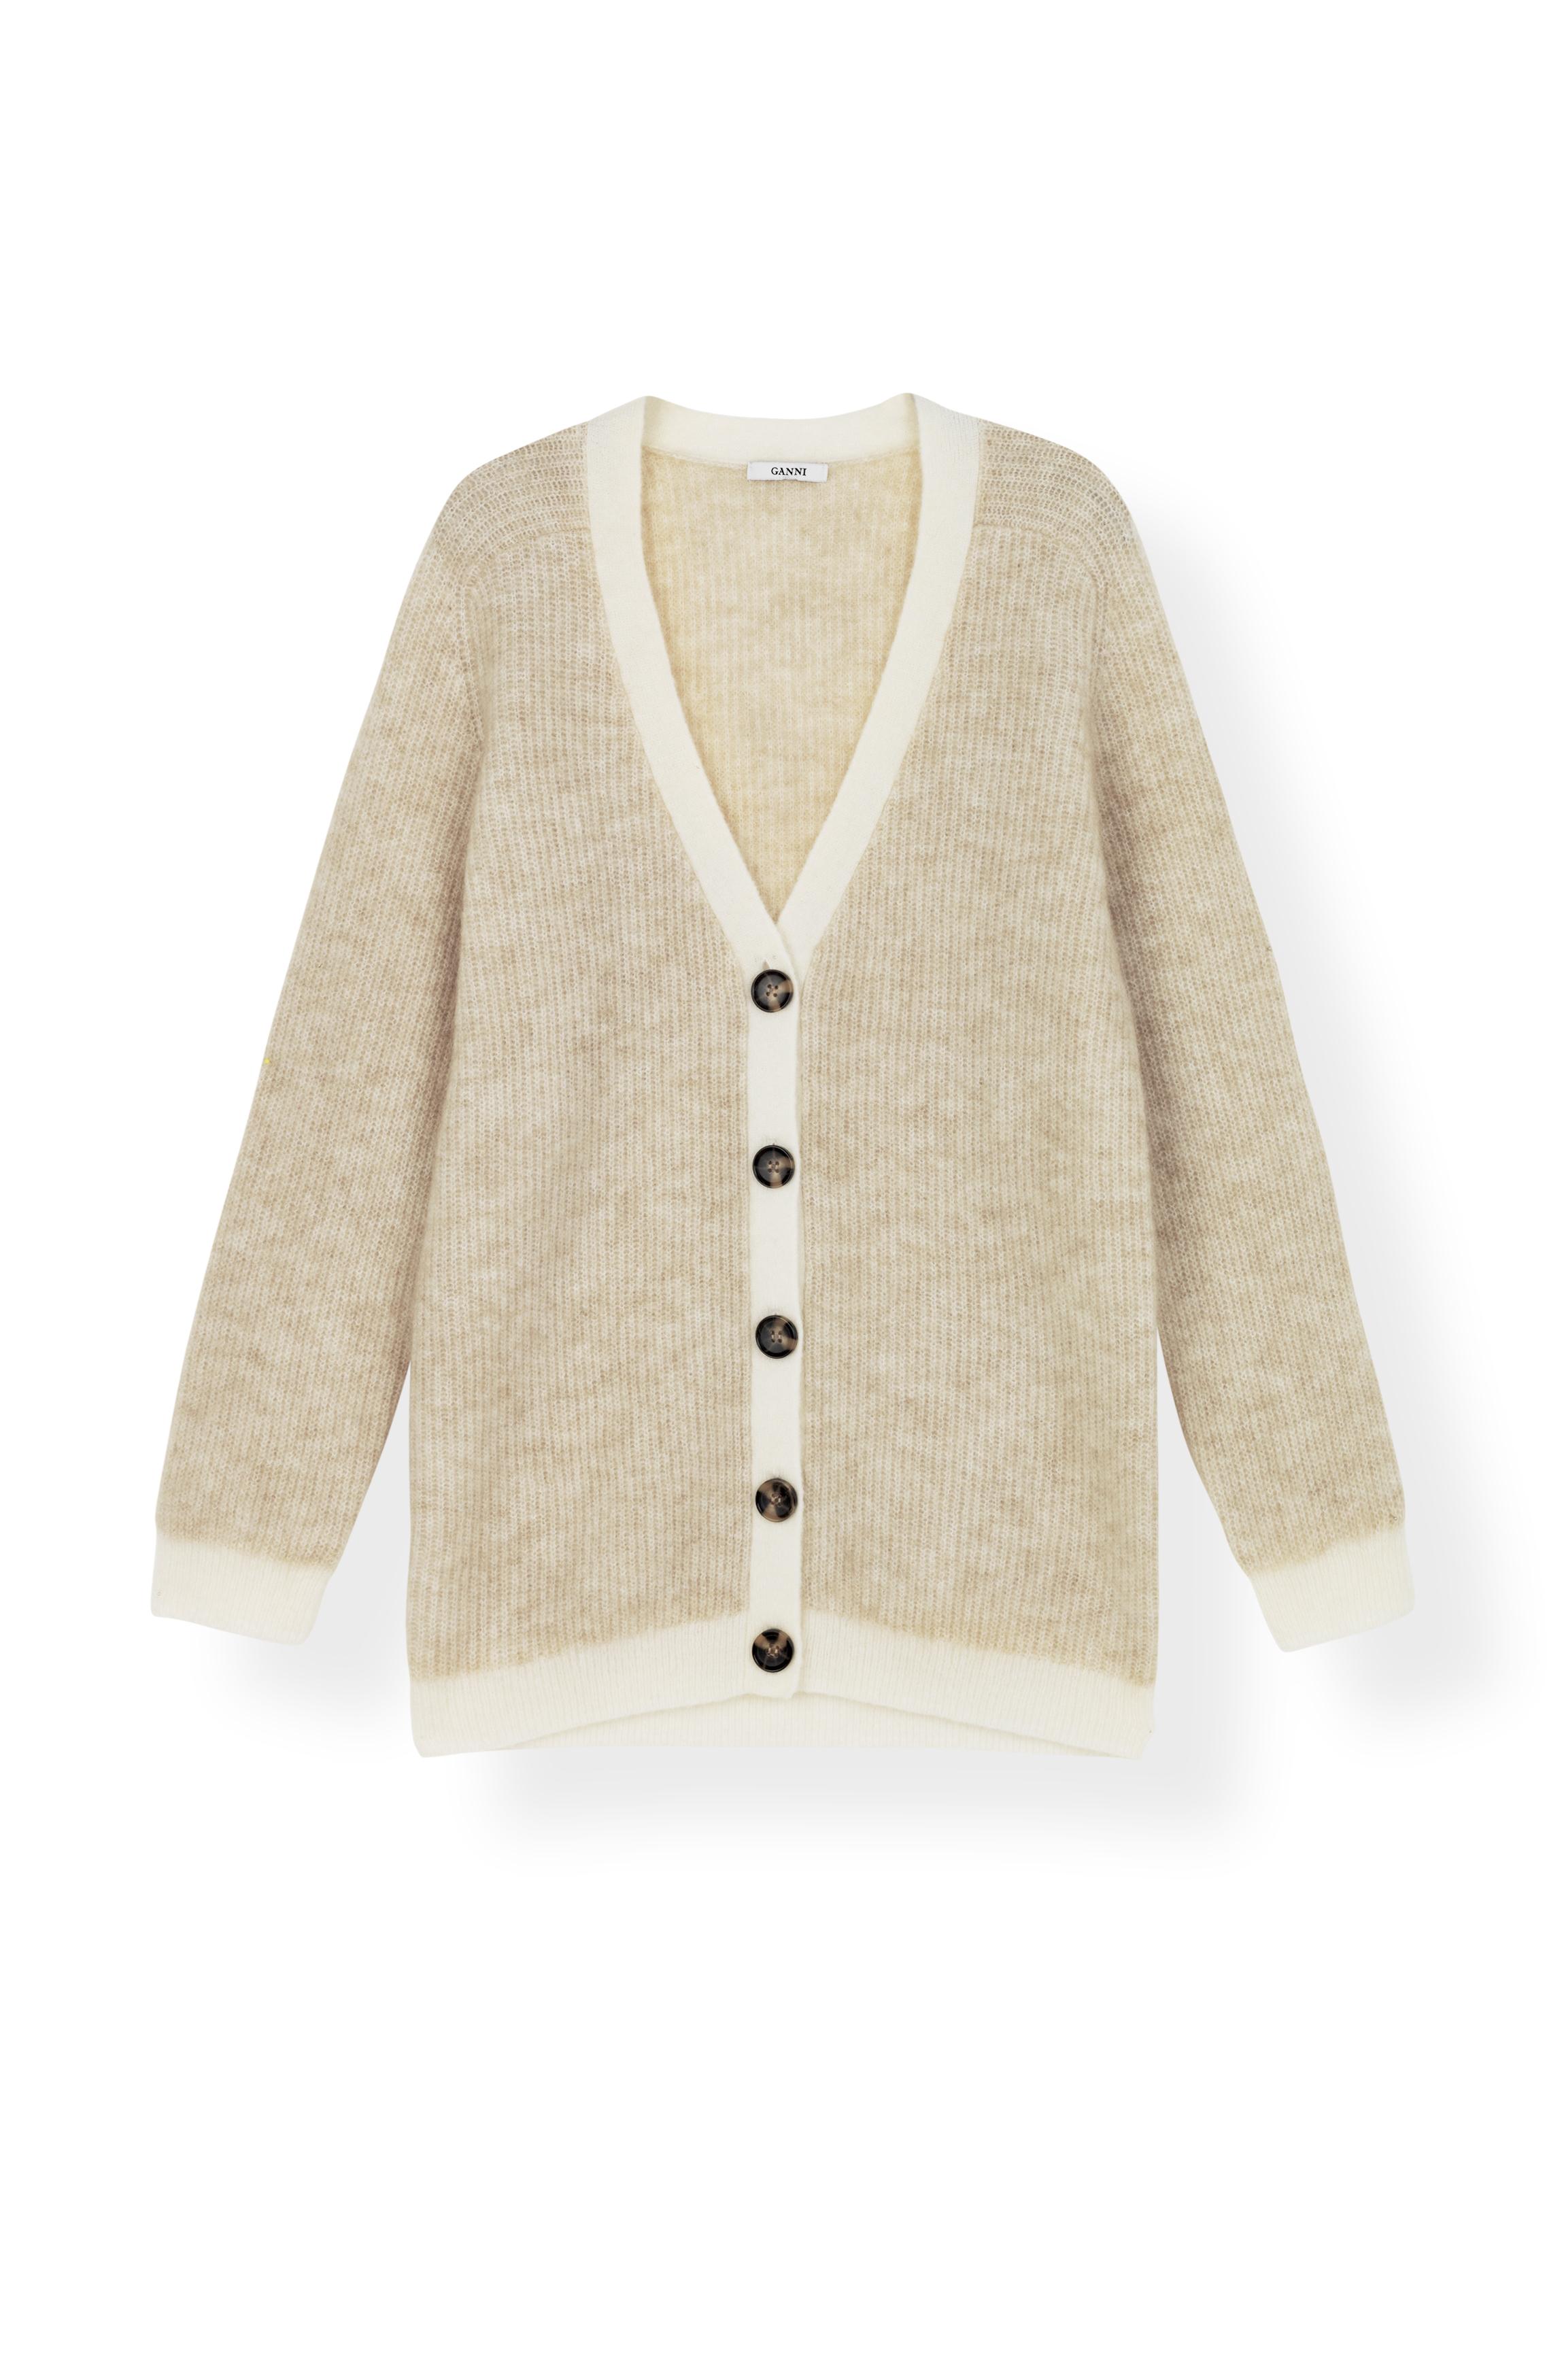 Ganni K1163 Cardigan Soft Wool Knit, 180 Tapioca